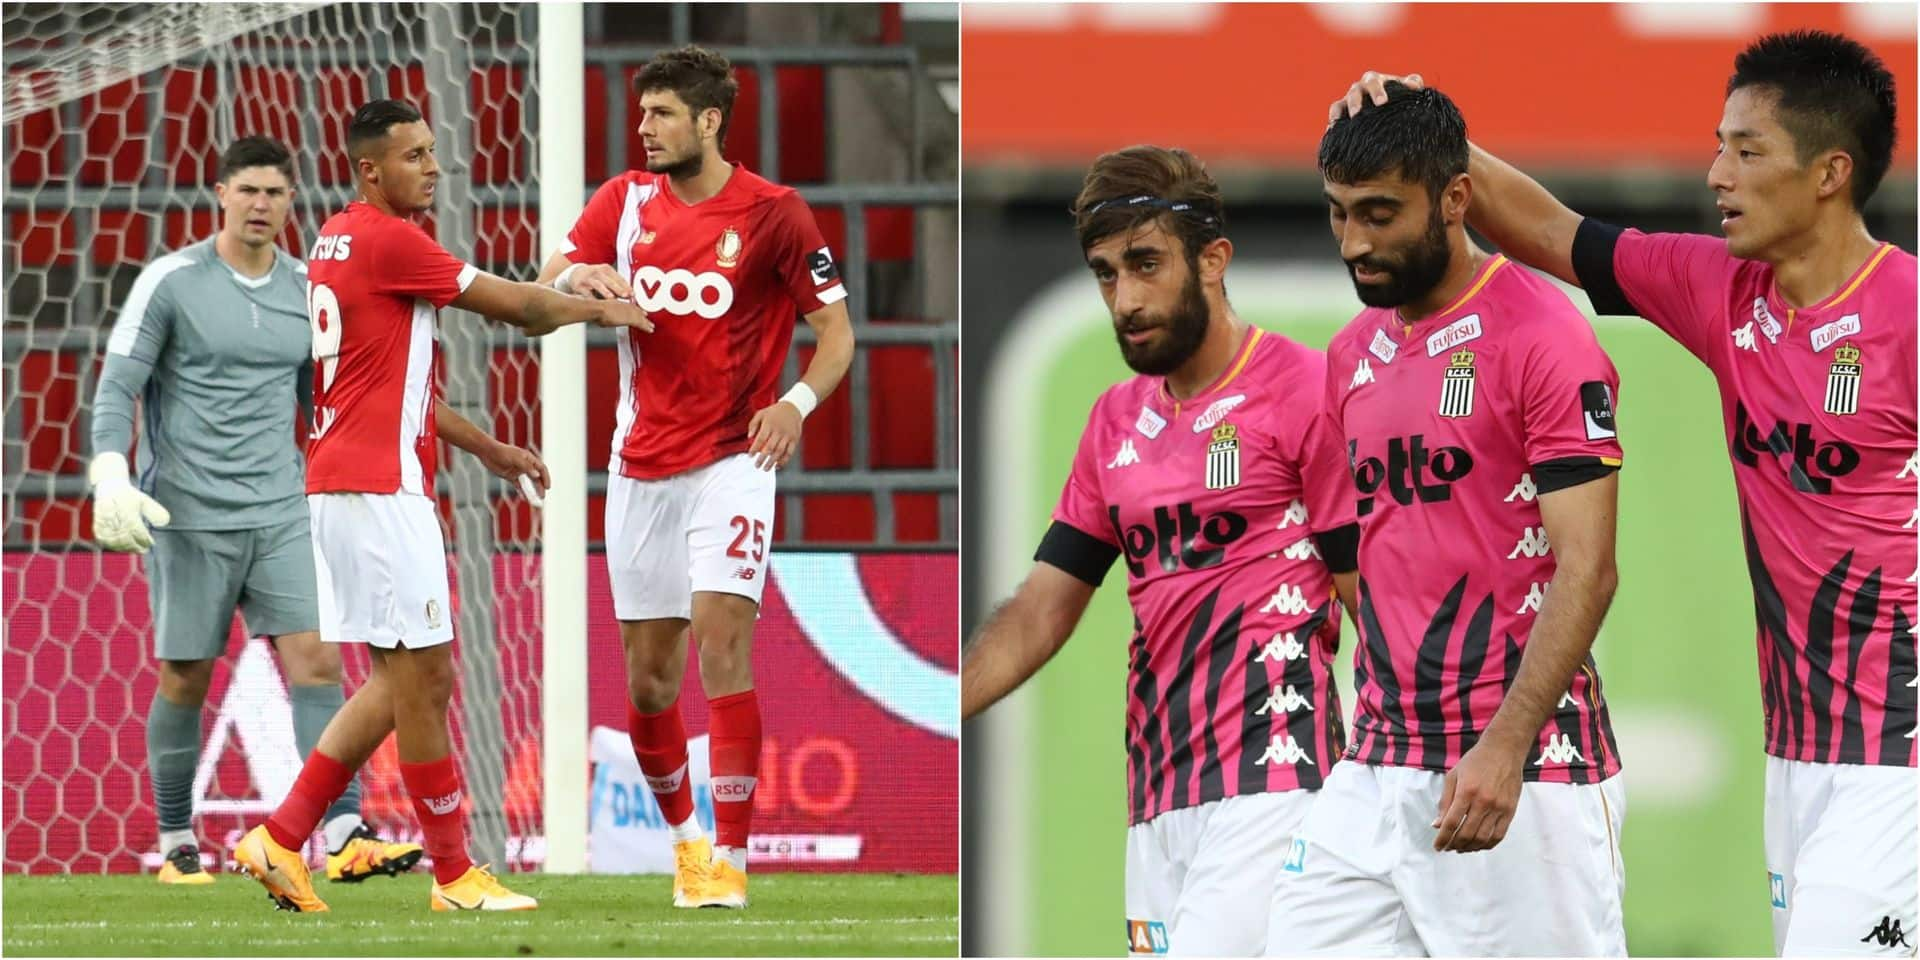 Barrages de l'Europa League: Charleroi affronterait Apollon Limassol ou Lech Poznan et le Standard Fehervar ou Reims